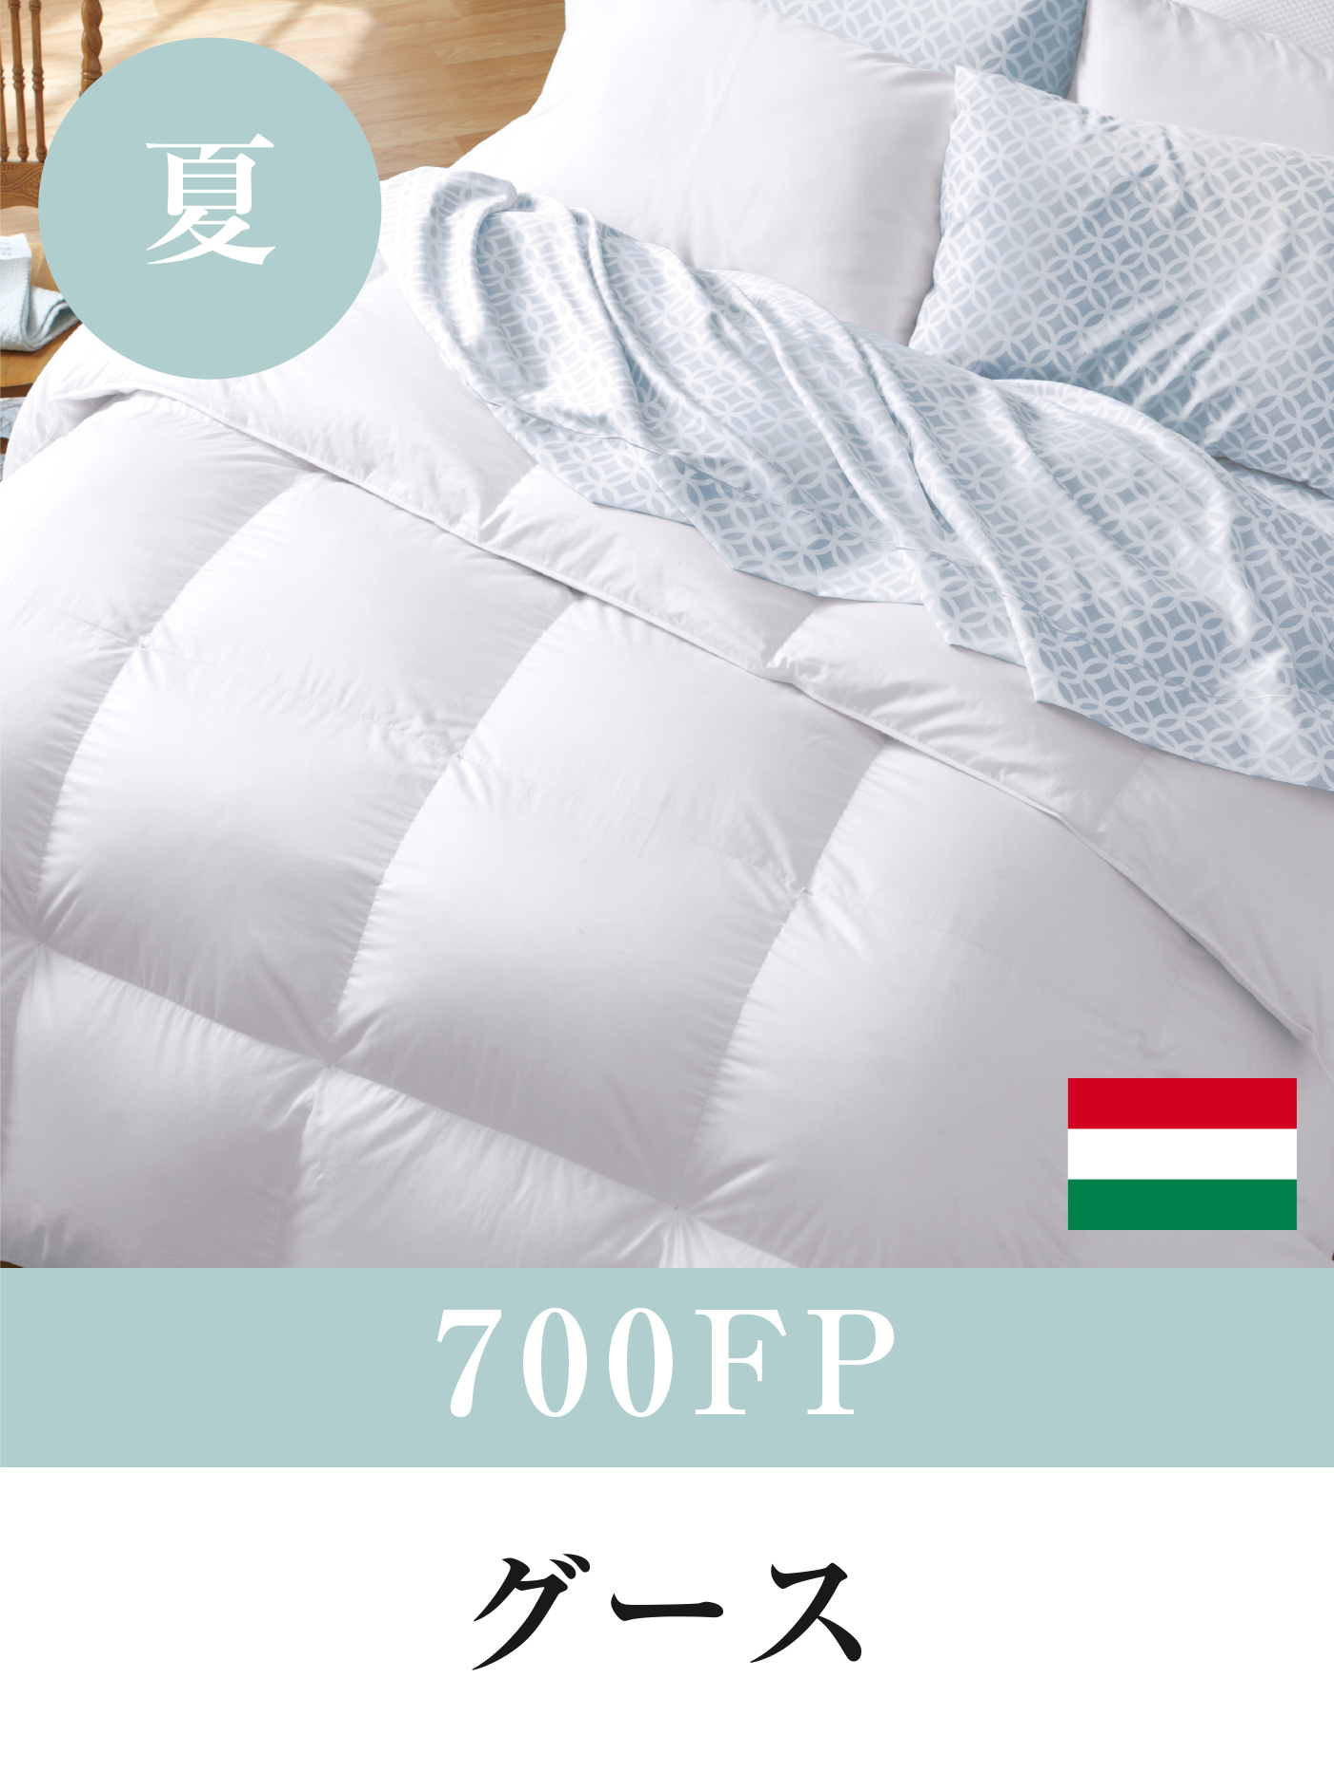 羽毛布団 肌掛け(夏用ダウンケット)  | 700フィルパワーハンガリー産ホワイトグースダウン  | 即日発送も